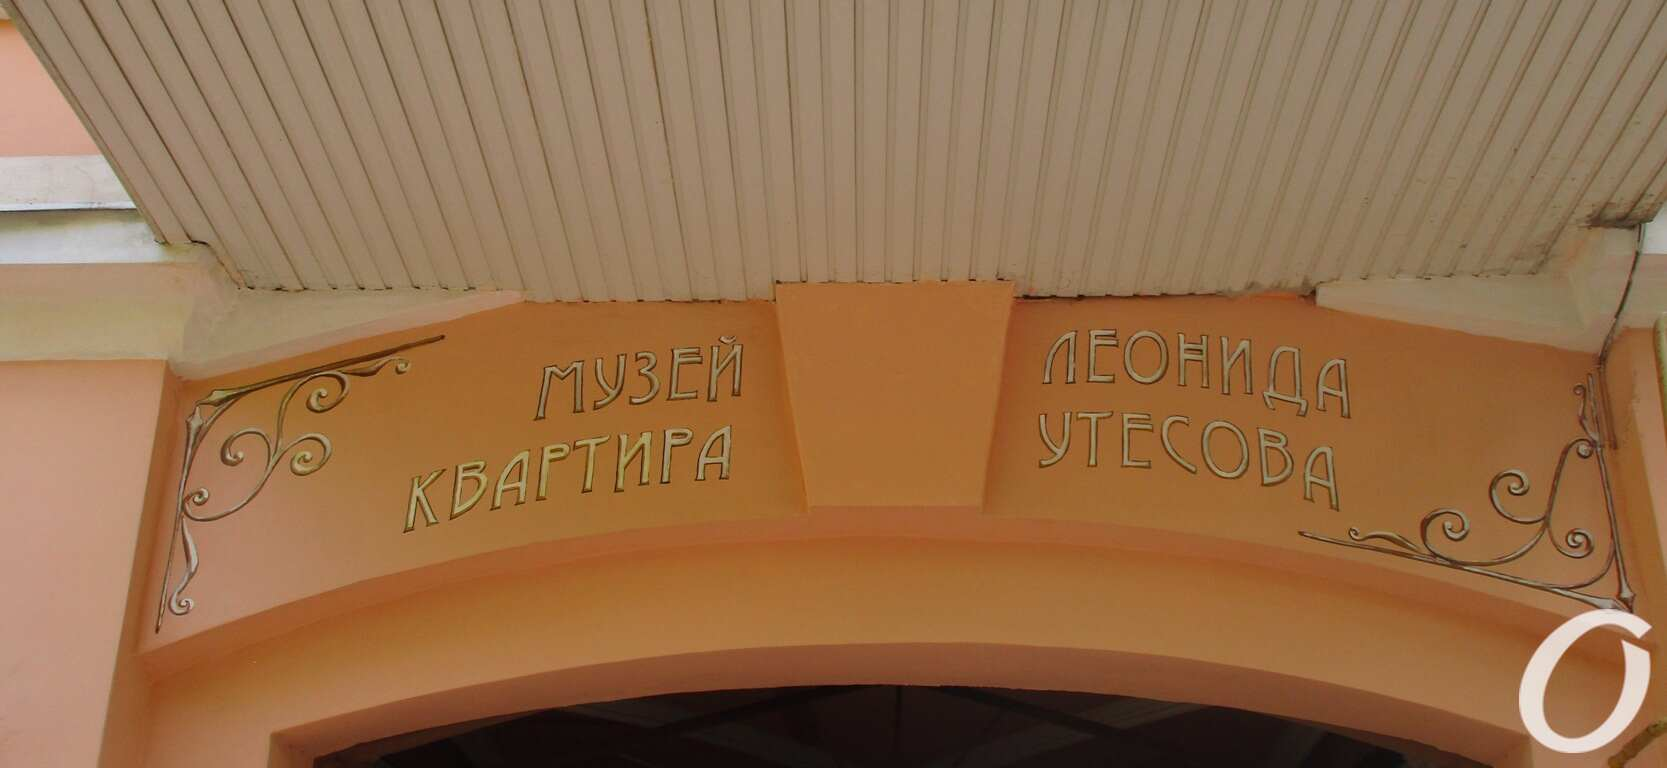 ворота во двор Утесова